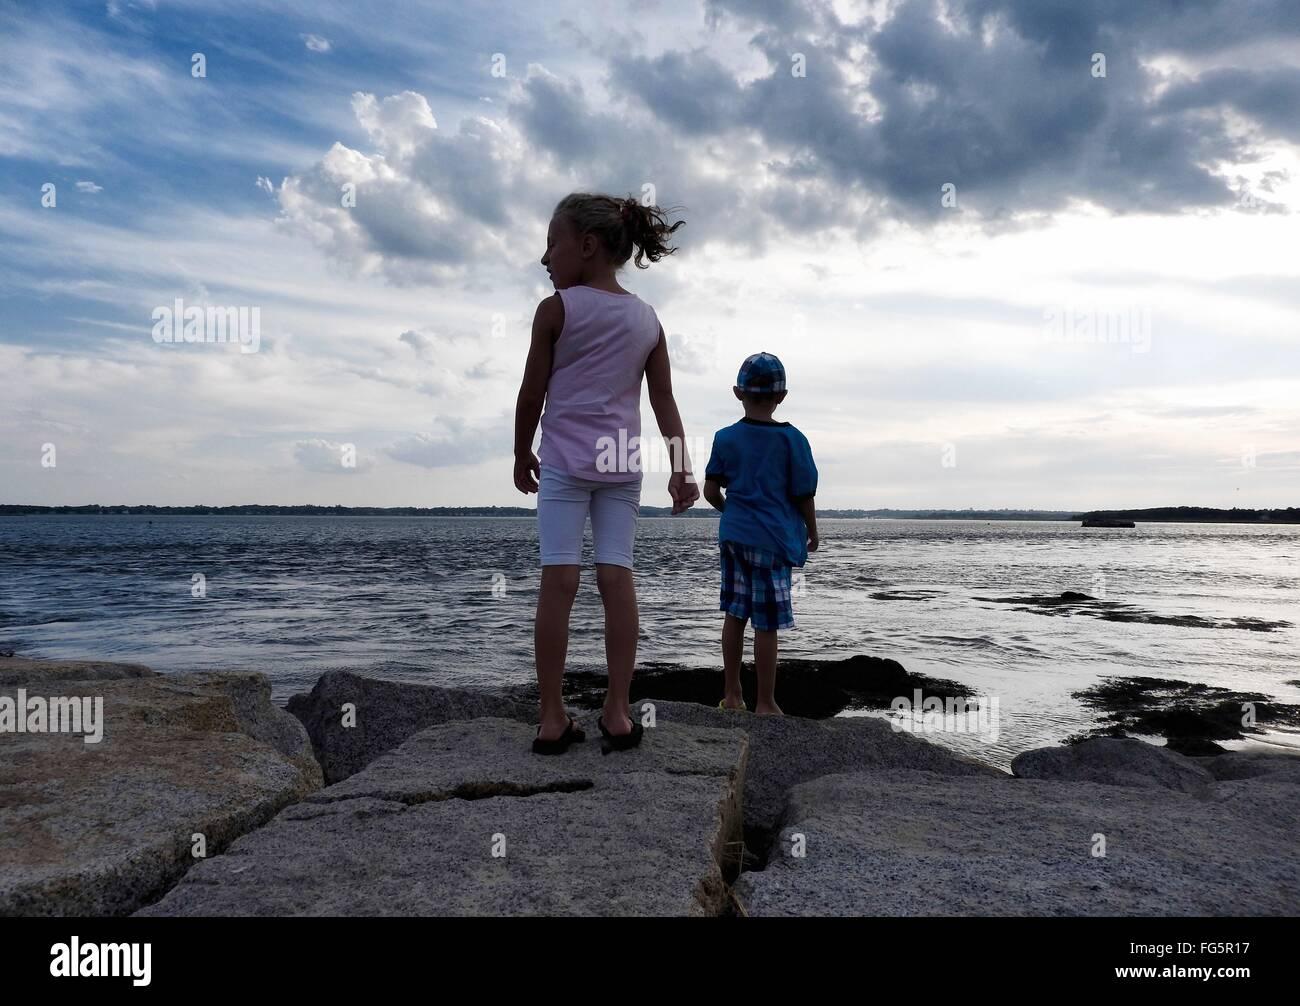 Vue arrière de la fratrie debout sur des rochers au bord de mer contre Ciel nuageux Photo Stock